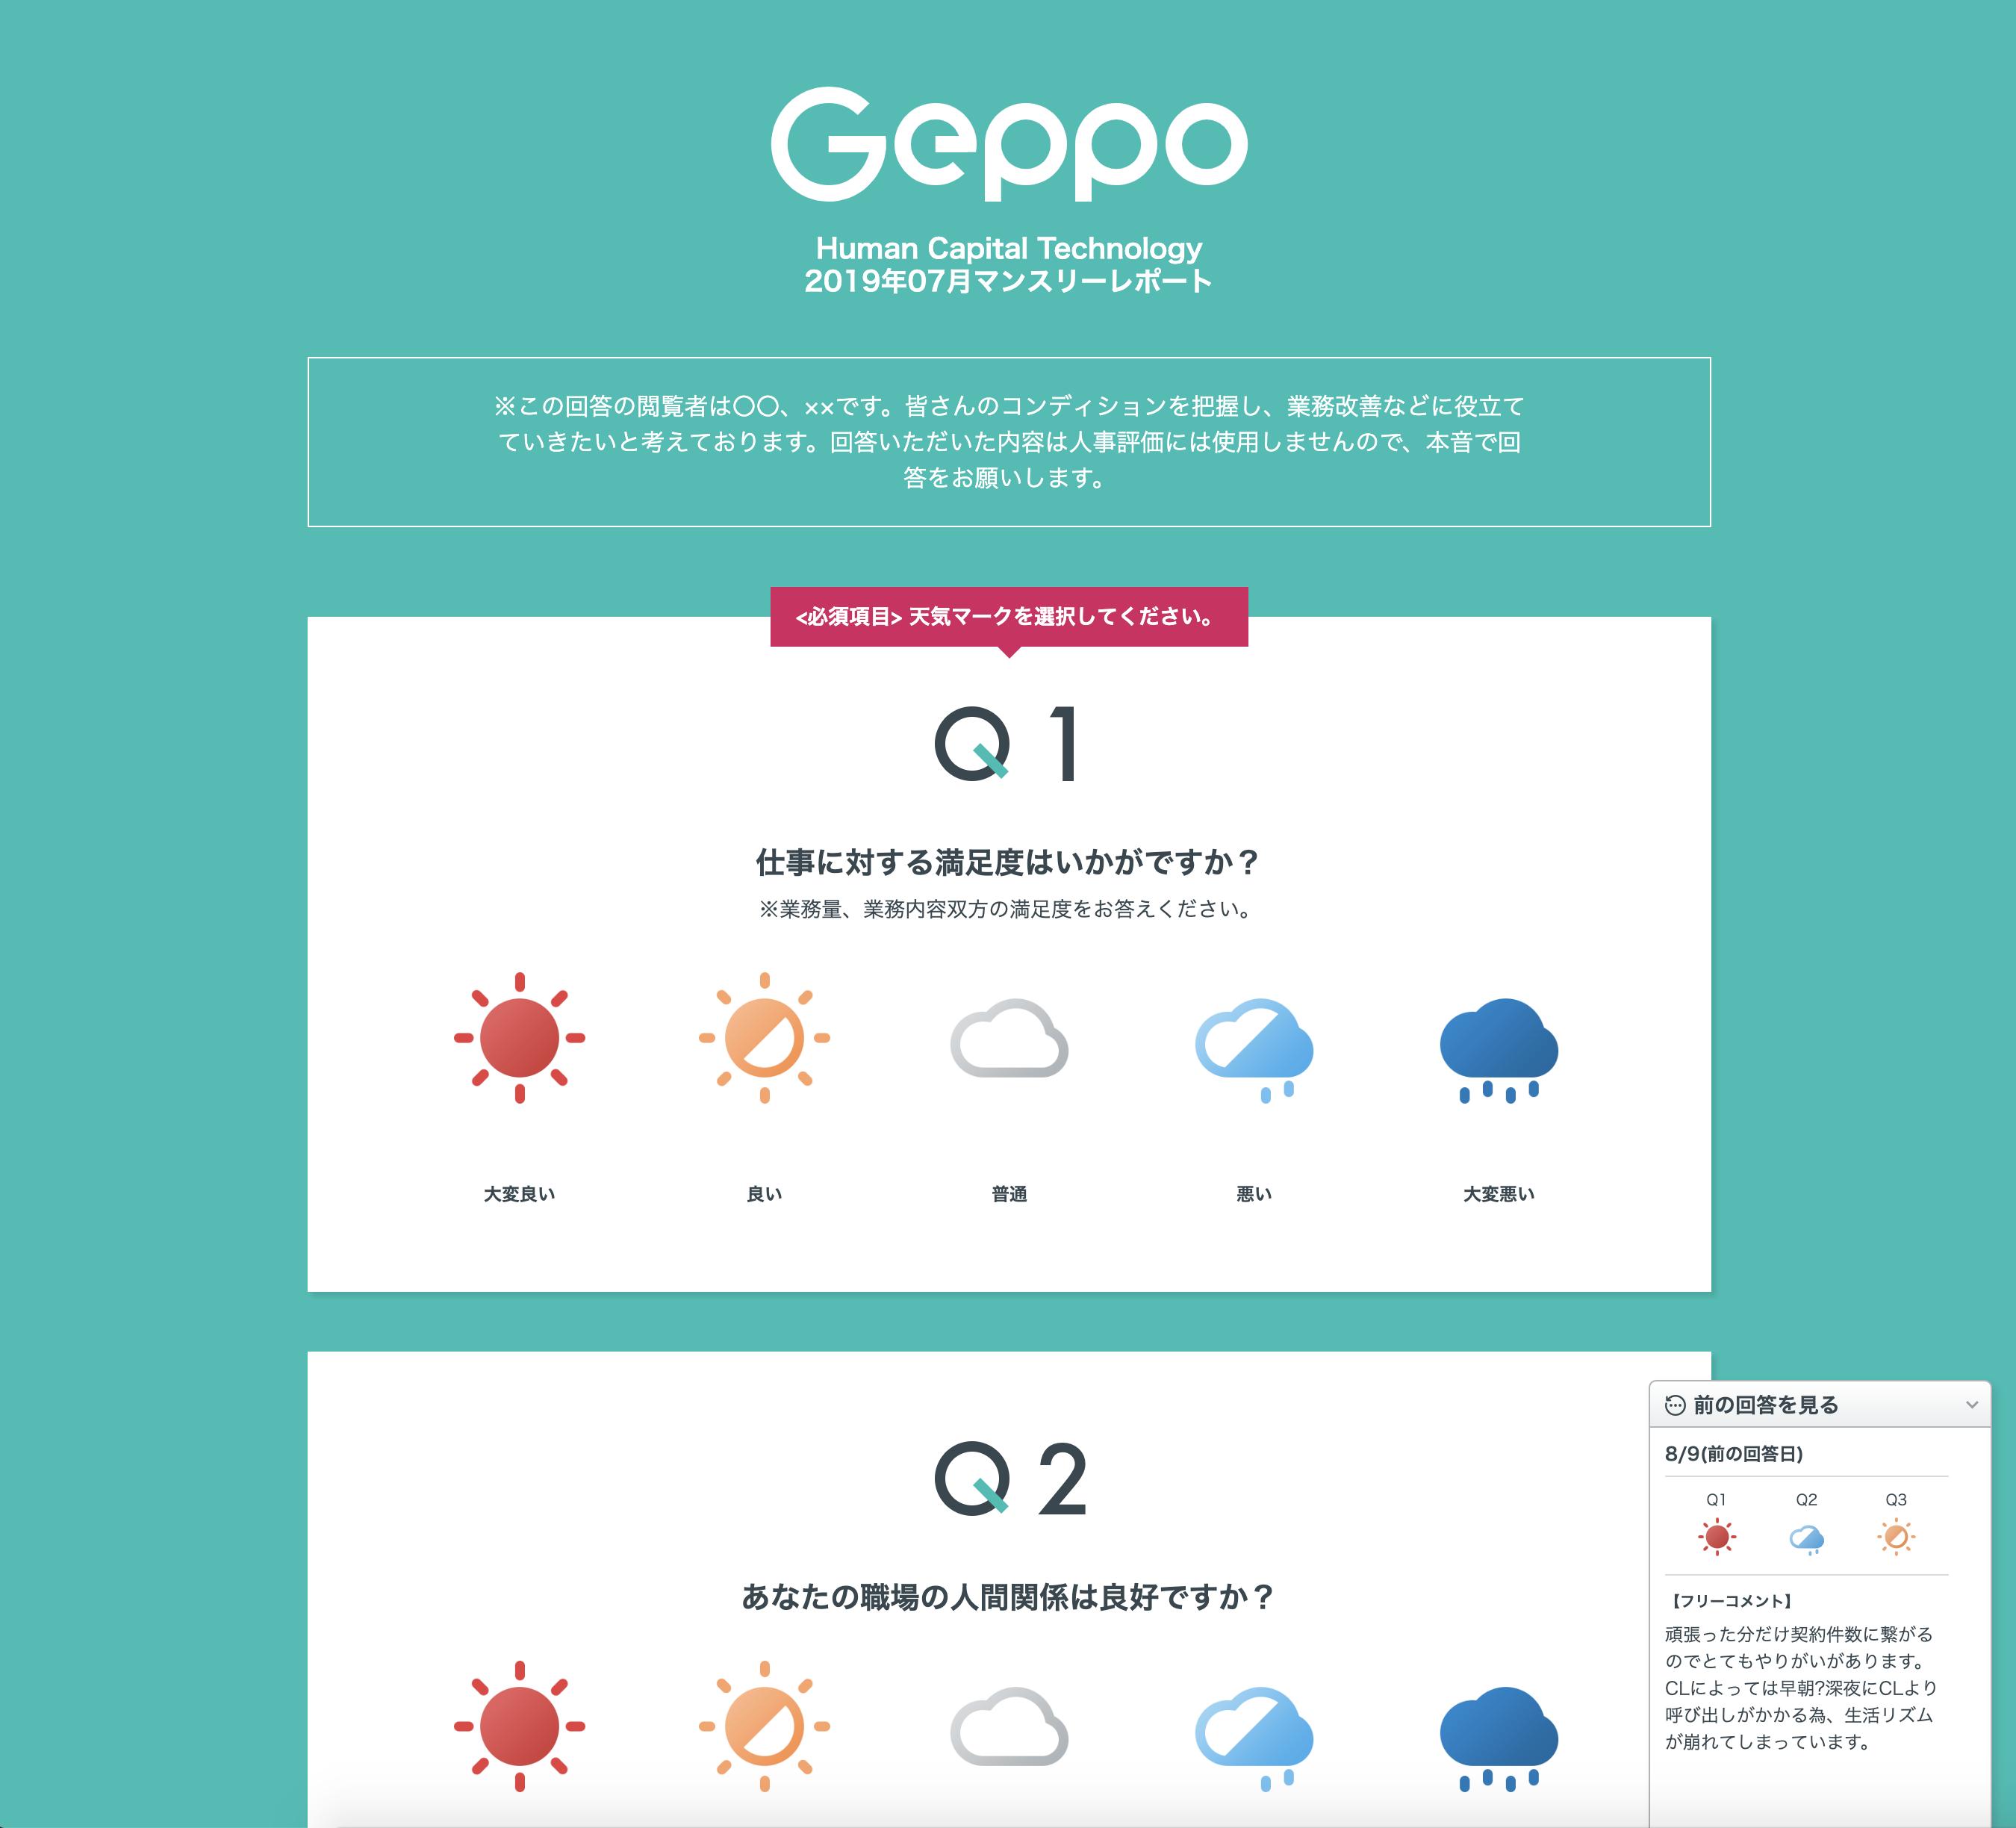 前回の回答結果が表示されたGeppo回答画面